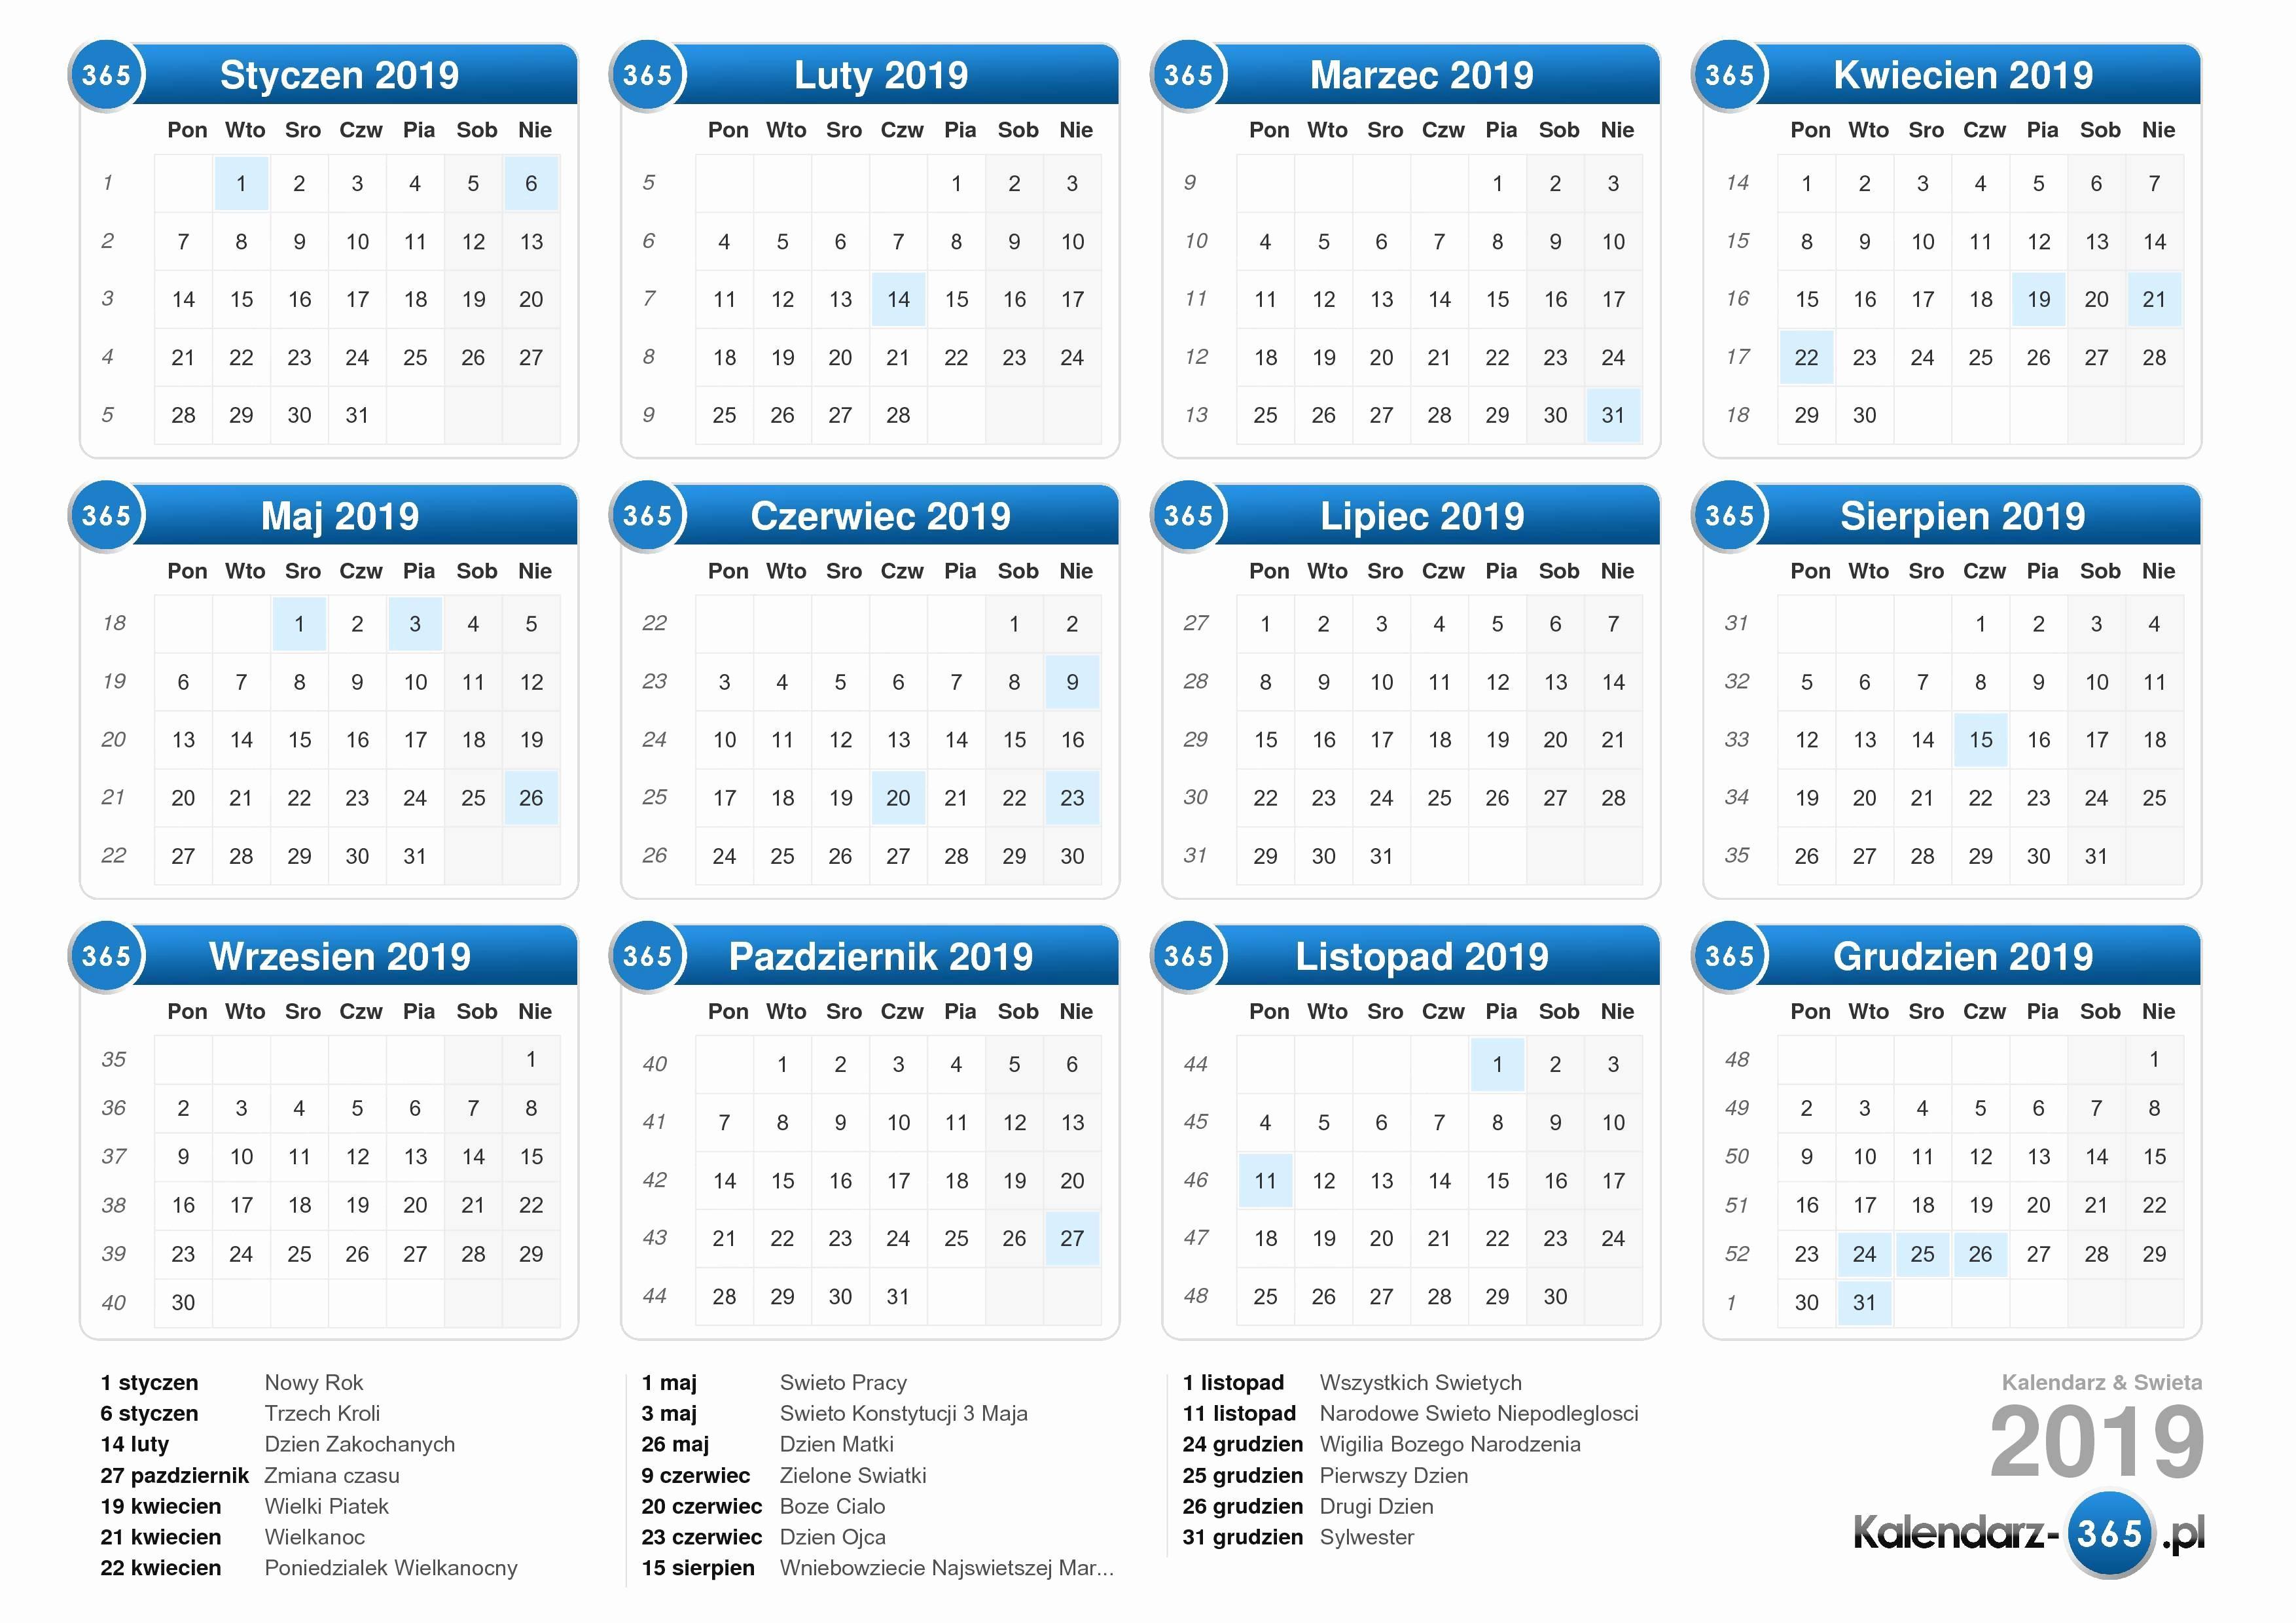 Kalender 2019 M Actual Kalender 2016 Mit Feiertagen Pdf Luxe Kalender 2019 Mit Ferien Und